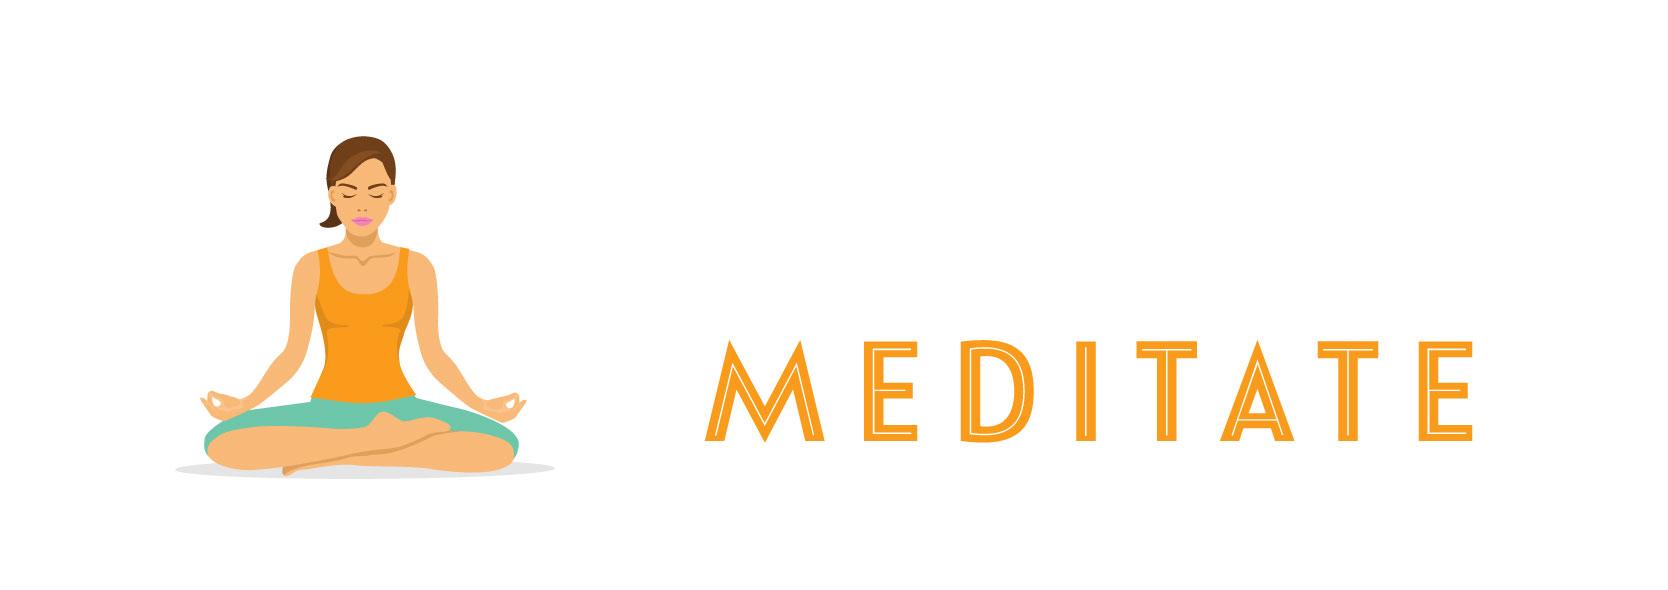 Meditate-header.jpg